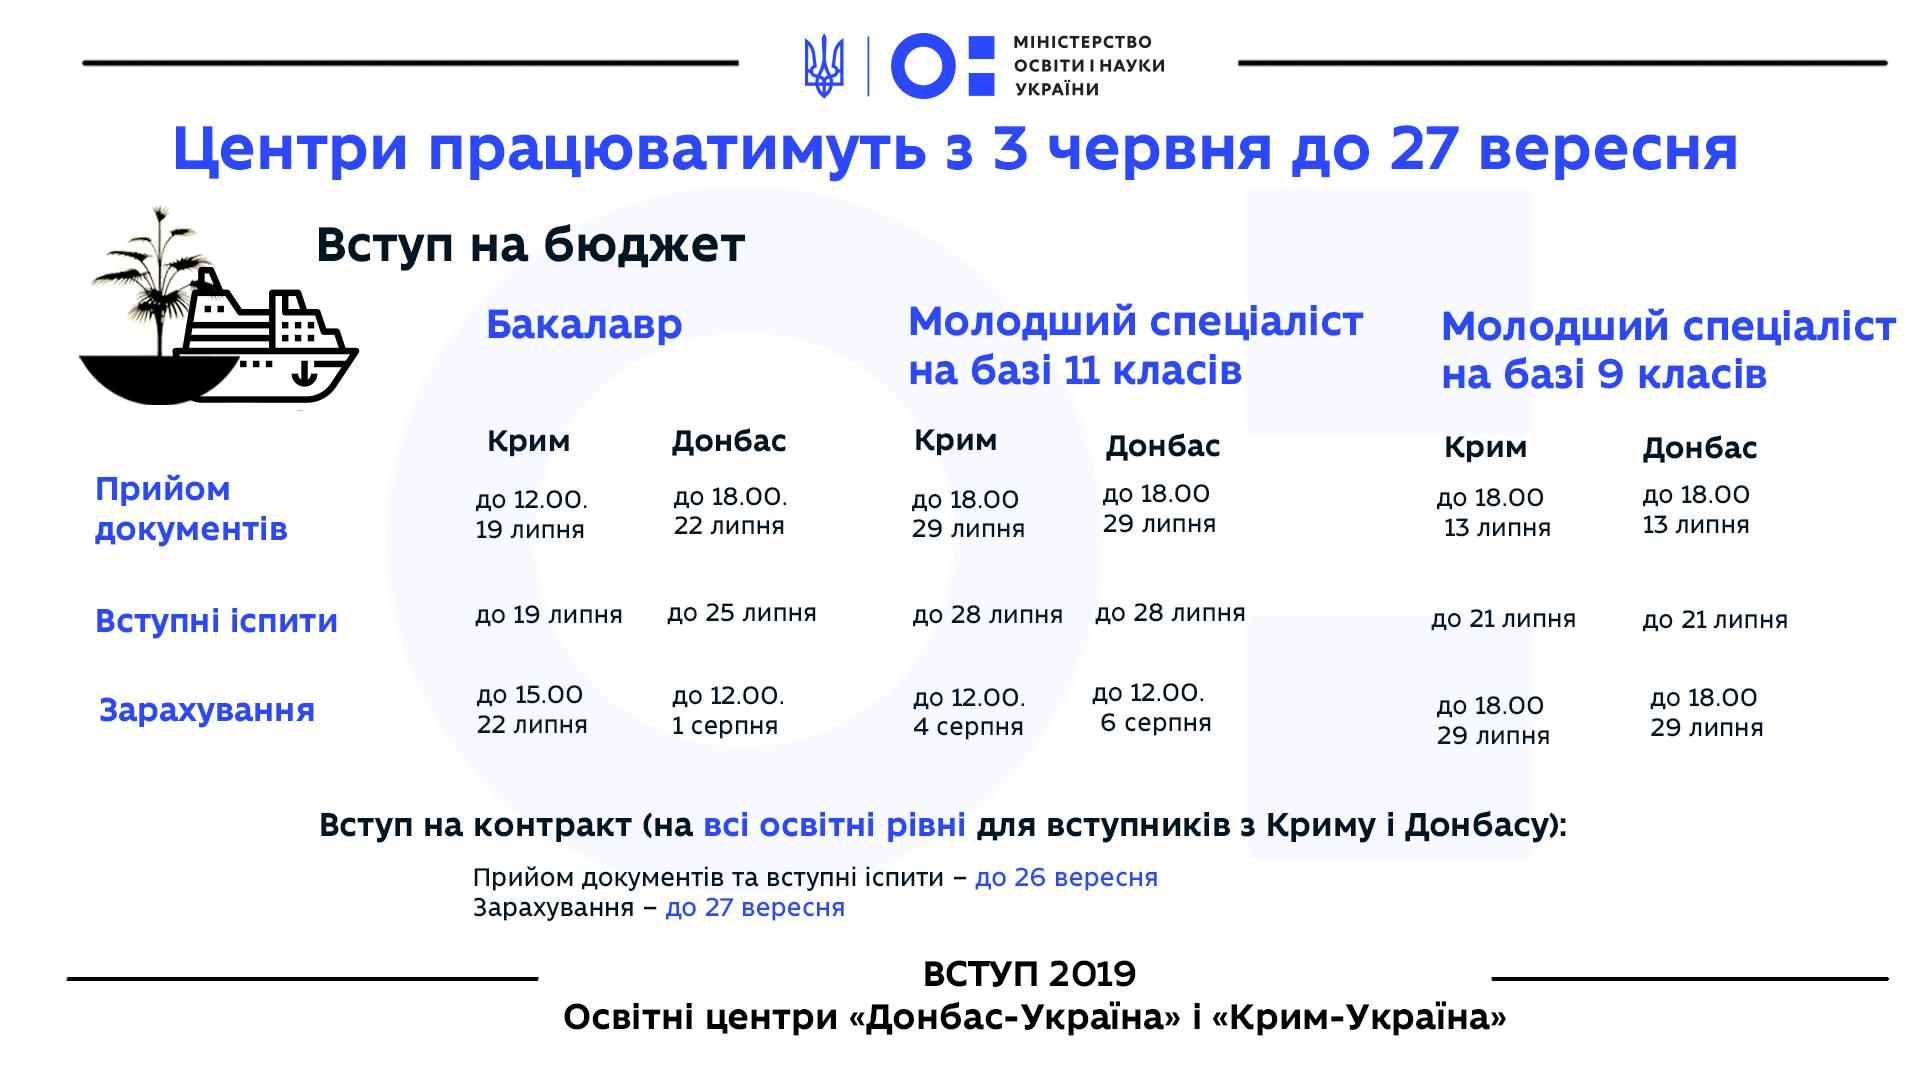 Як українцям з окупованих територій вступити до вишів за спрощеною системою: у Міносвіти пояснили